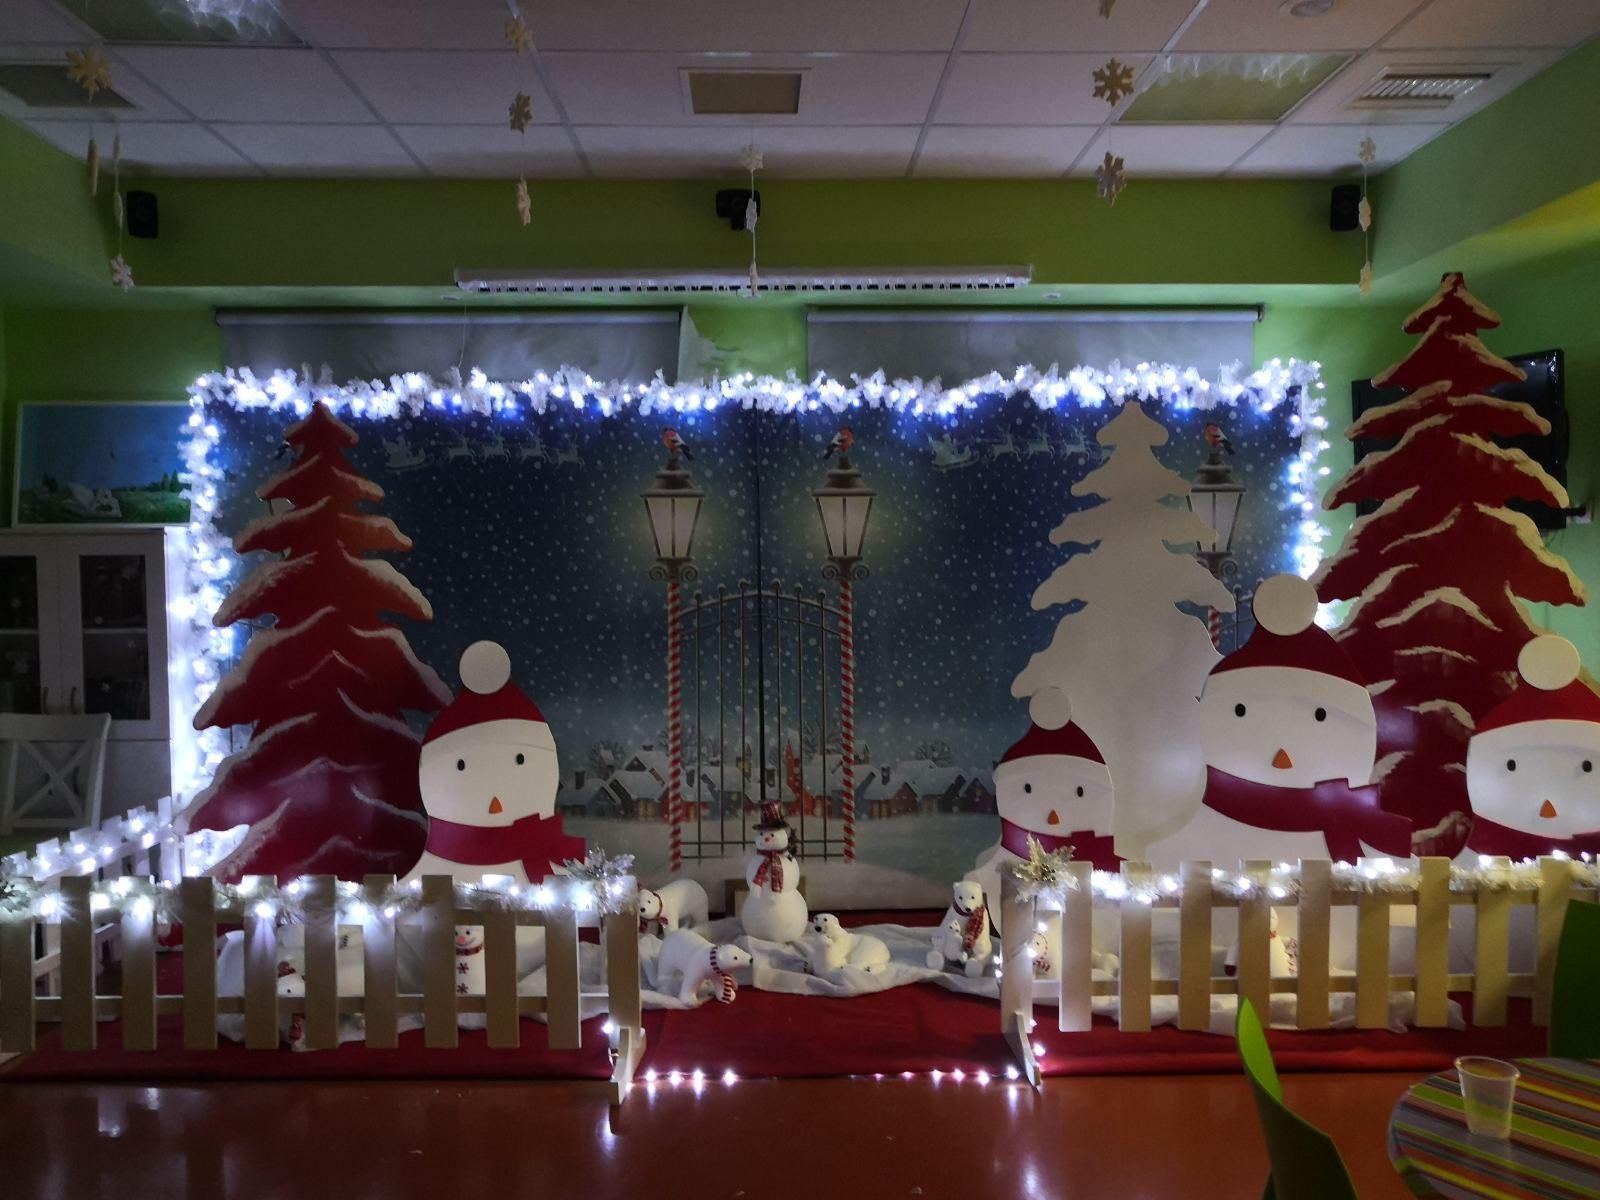 Χριστουγεννιάτικος στολισμός και δράσεις ΕΛΠΙΔΑ 2019